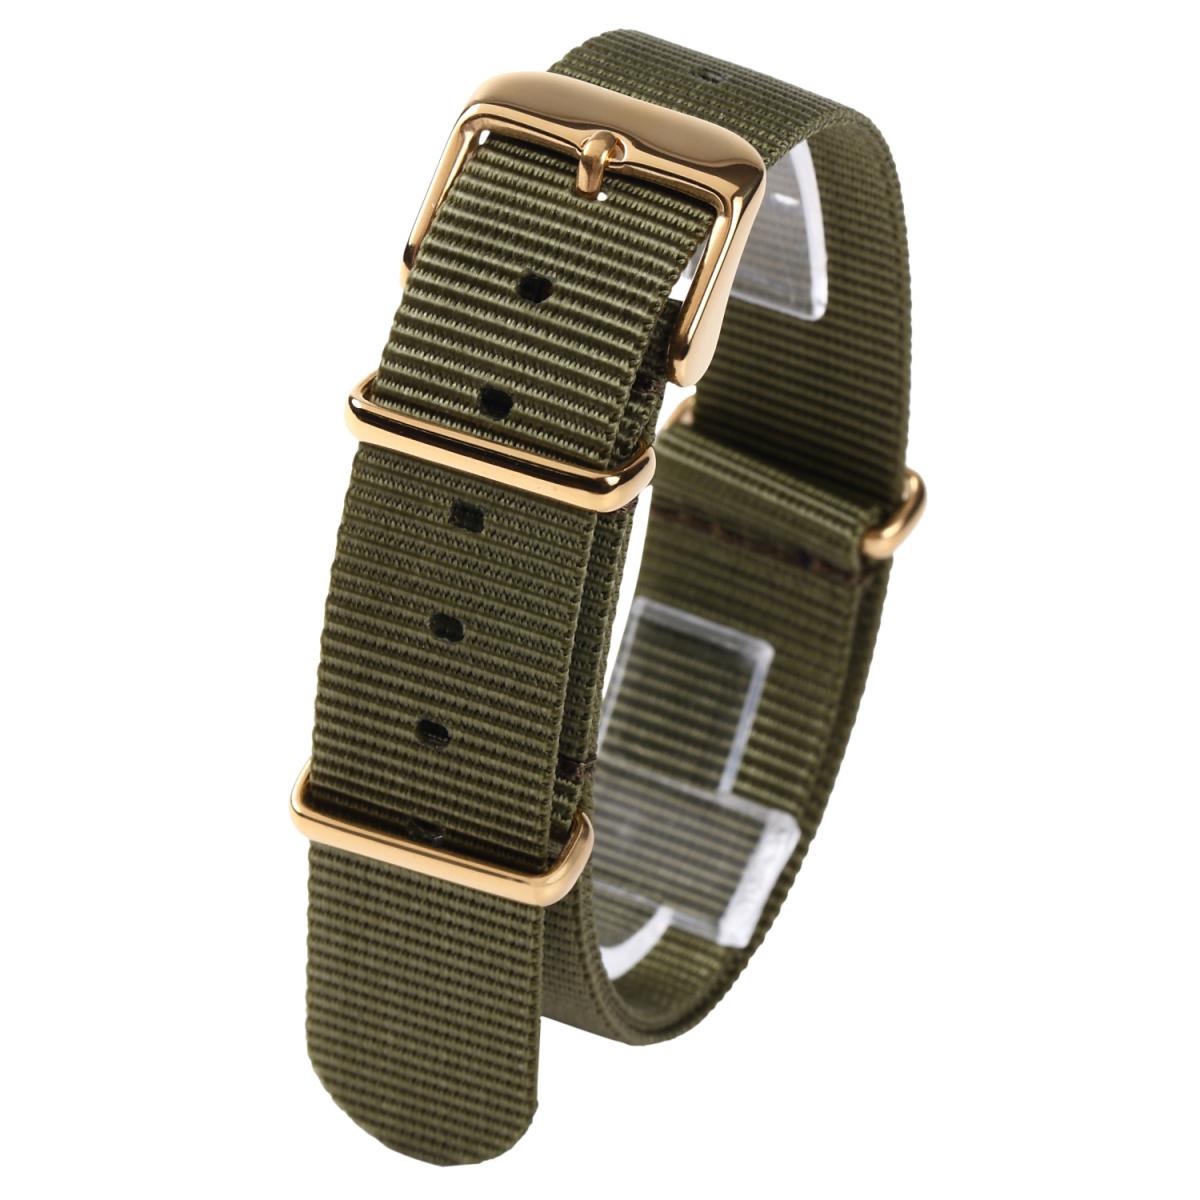 時計ベルト NATO ゴールドバックル ショートサイズ カーキグリーン 20mm 取付けマニュアル _画像1